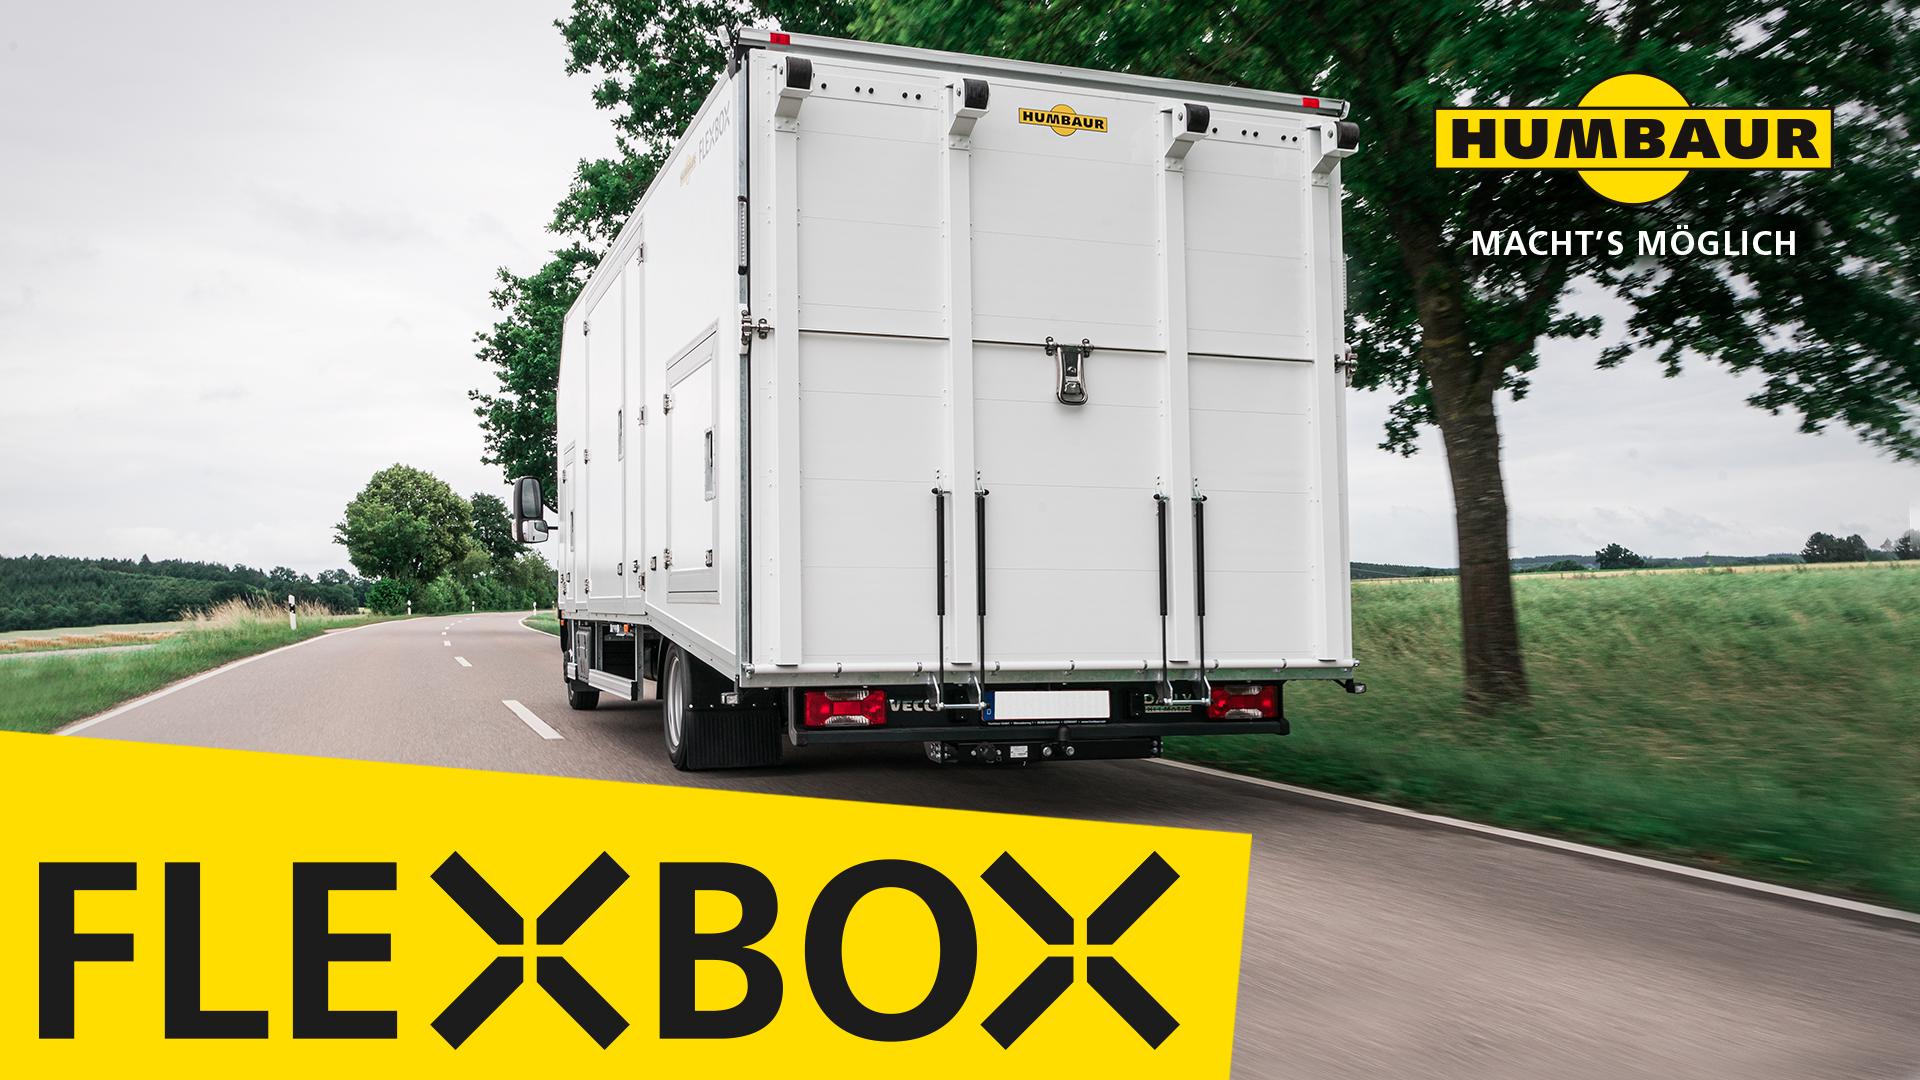 Entdecken Sie die Humbaur FlexBox Fahrzeugtransporter im Einsatz